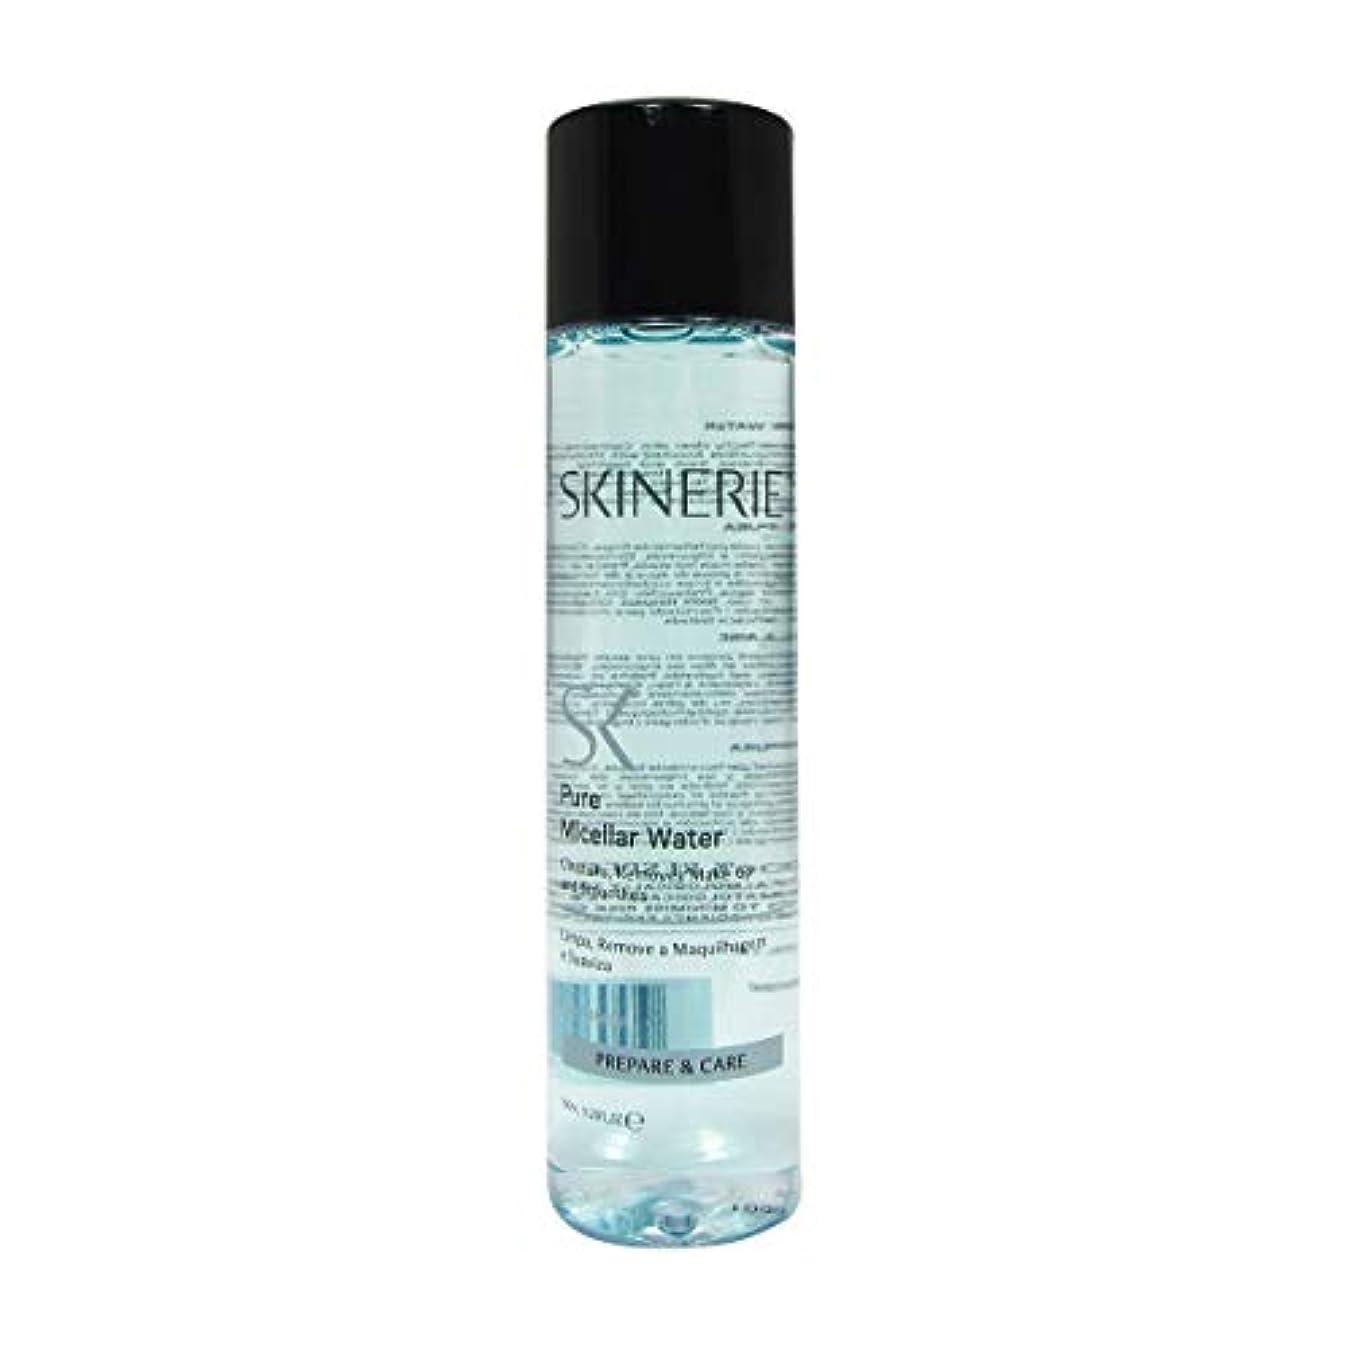 空気若い観察Skinerie Prepare And Care Micelar Water 150ml [並行輸入品]